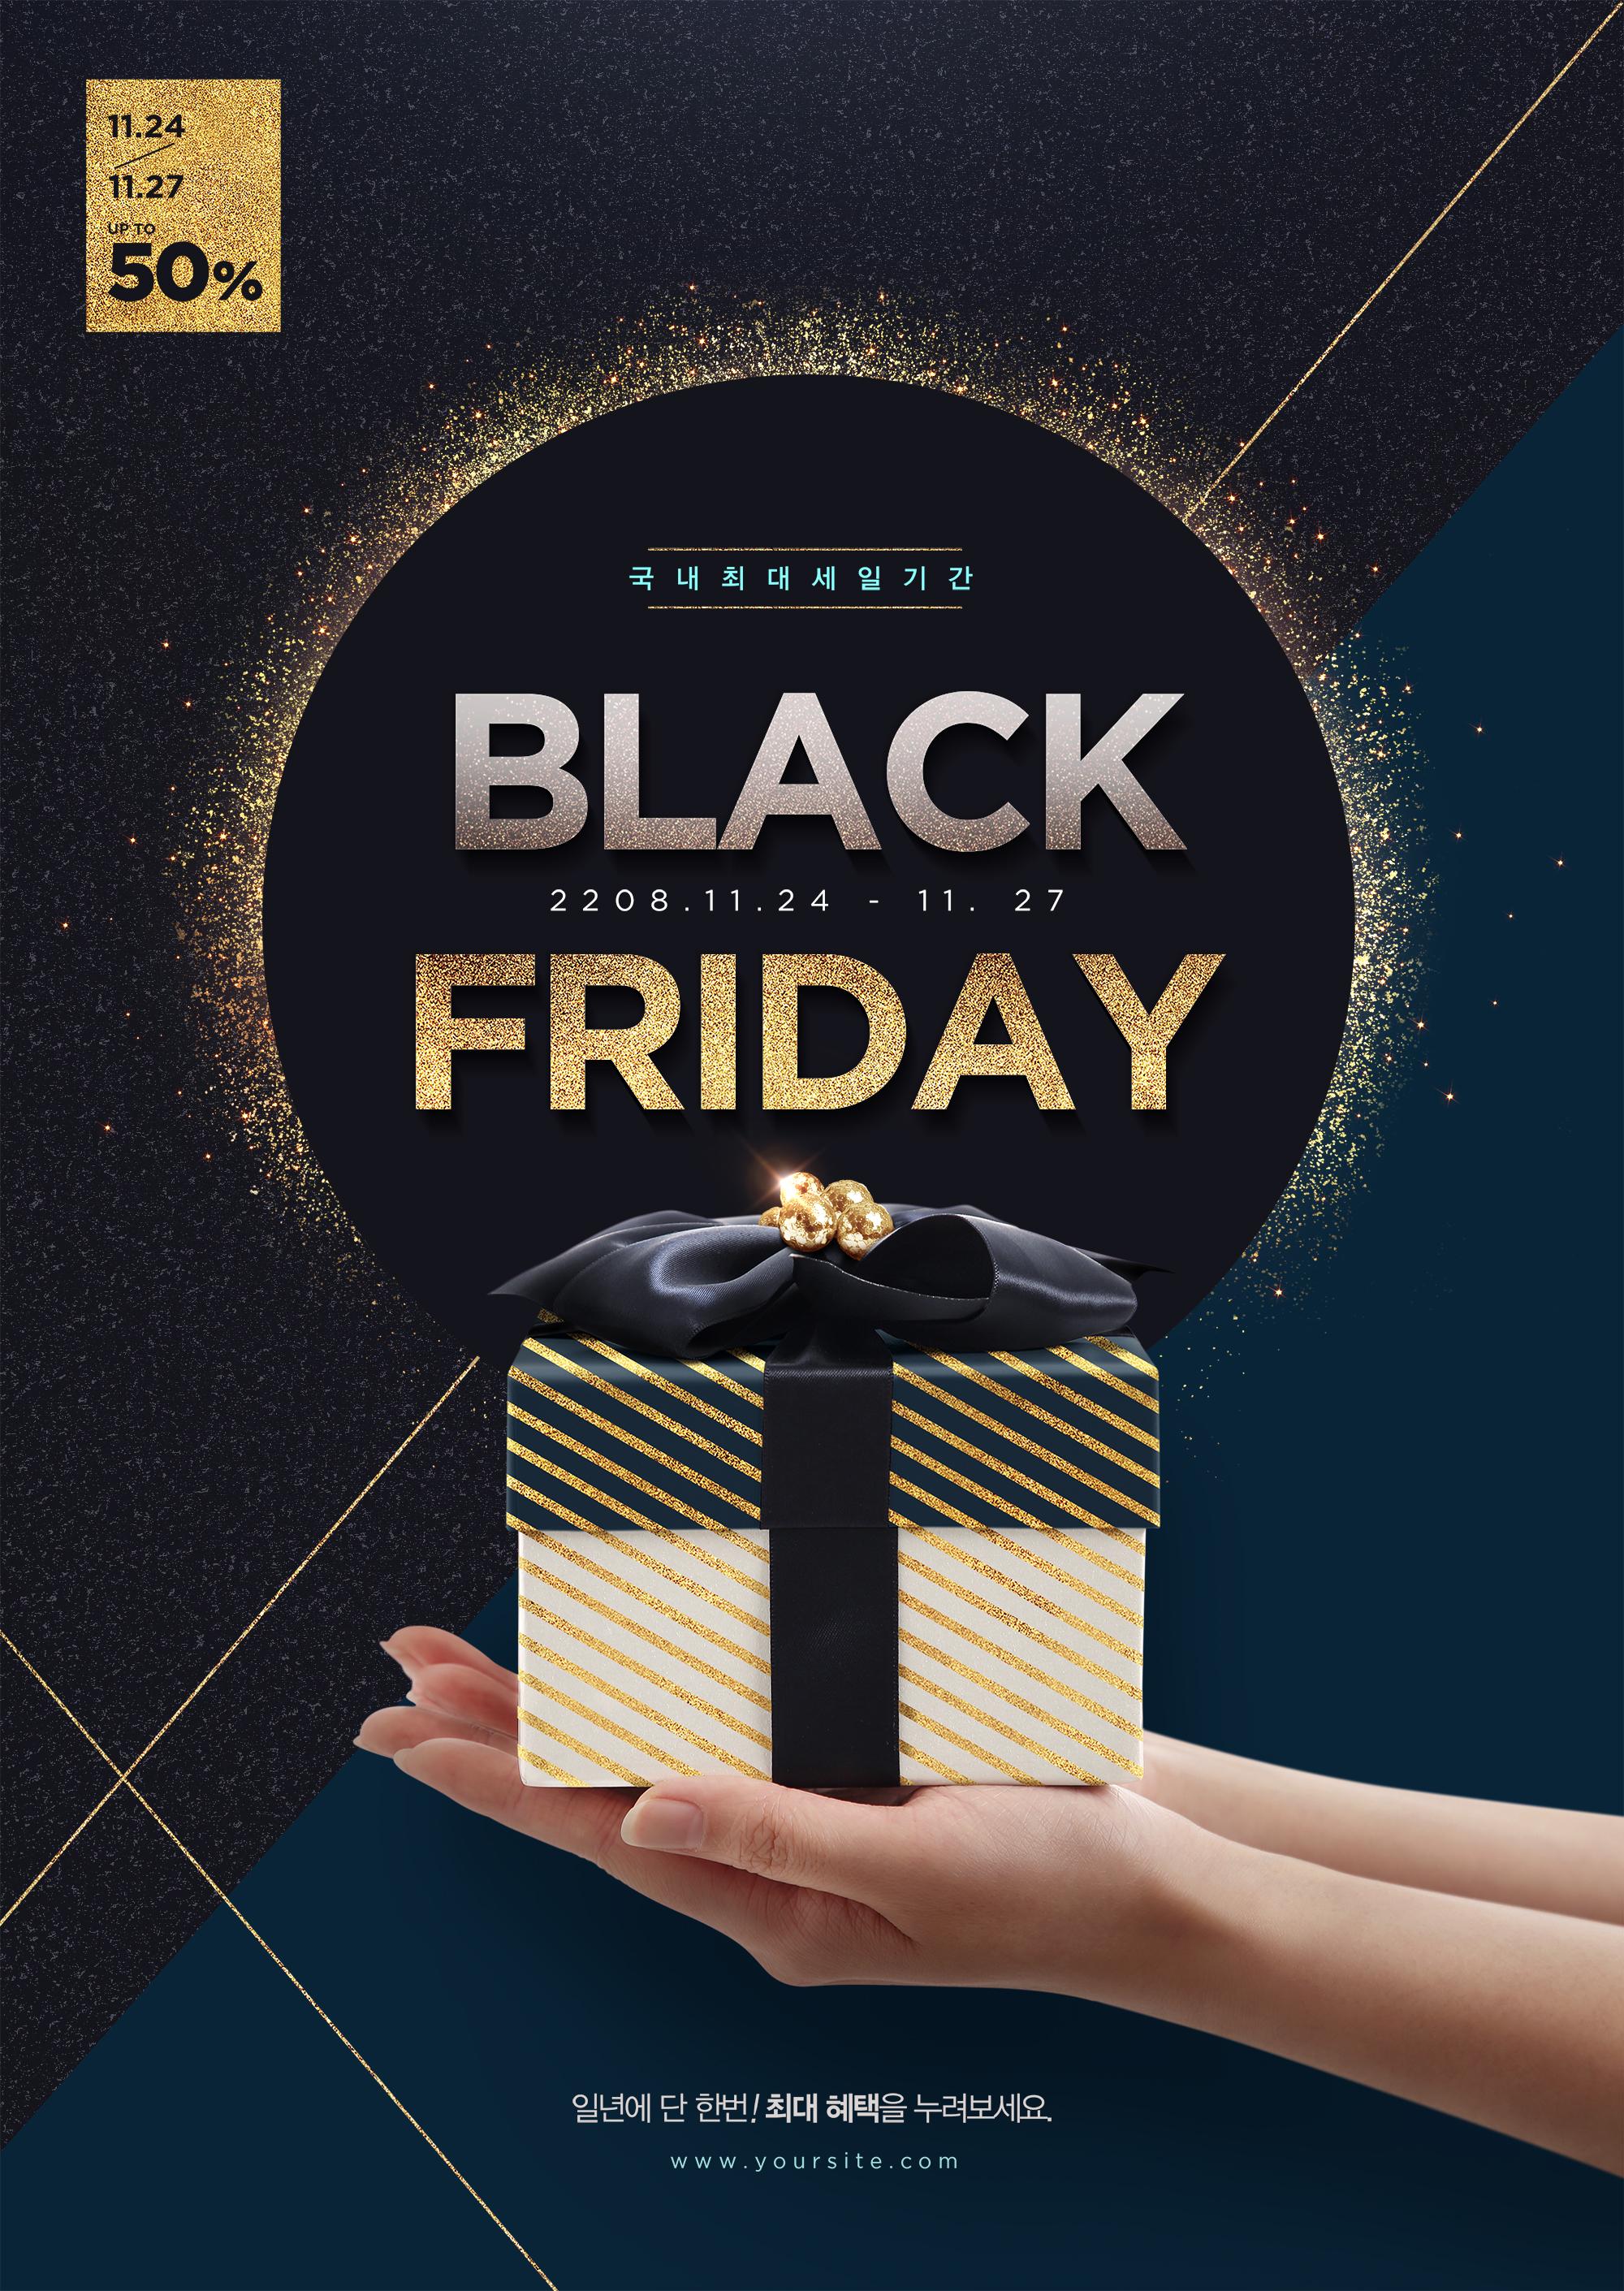 골드네이비블랙-블랙프라이데이-손-선물상자